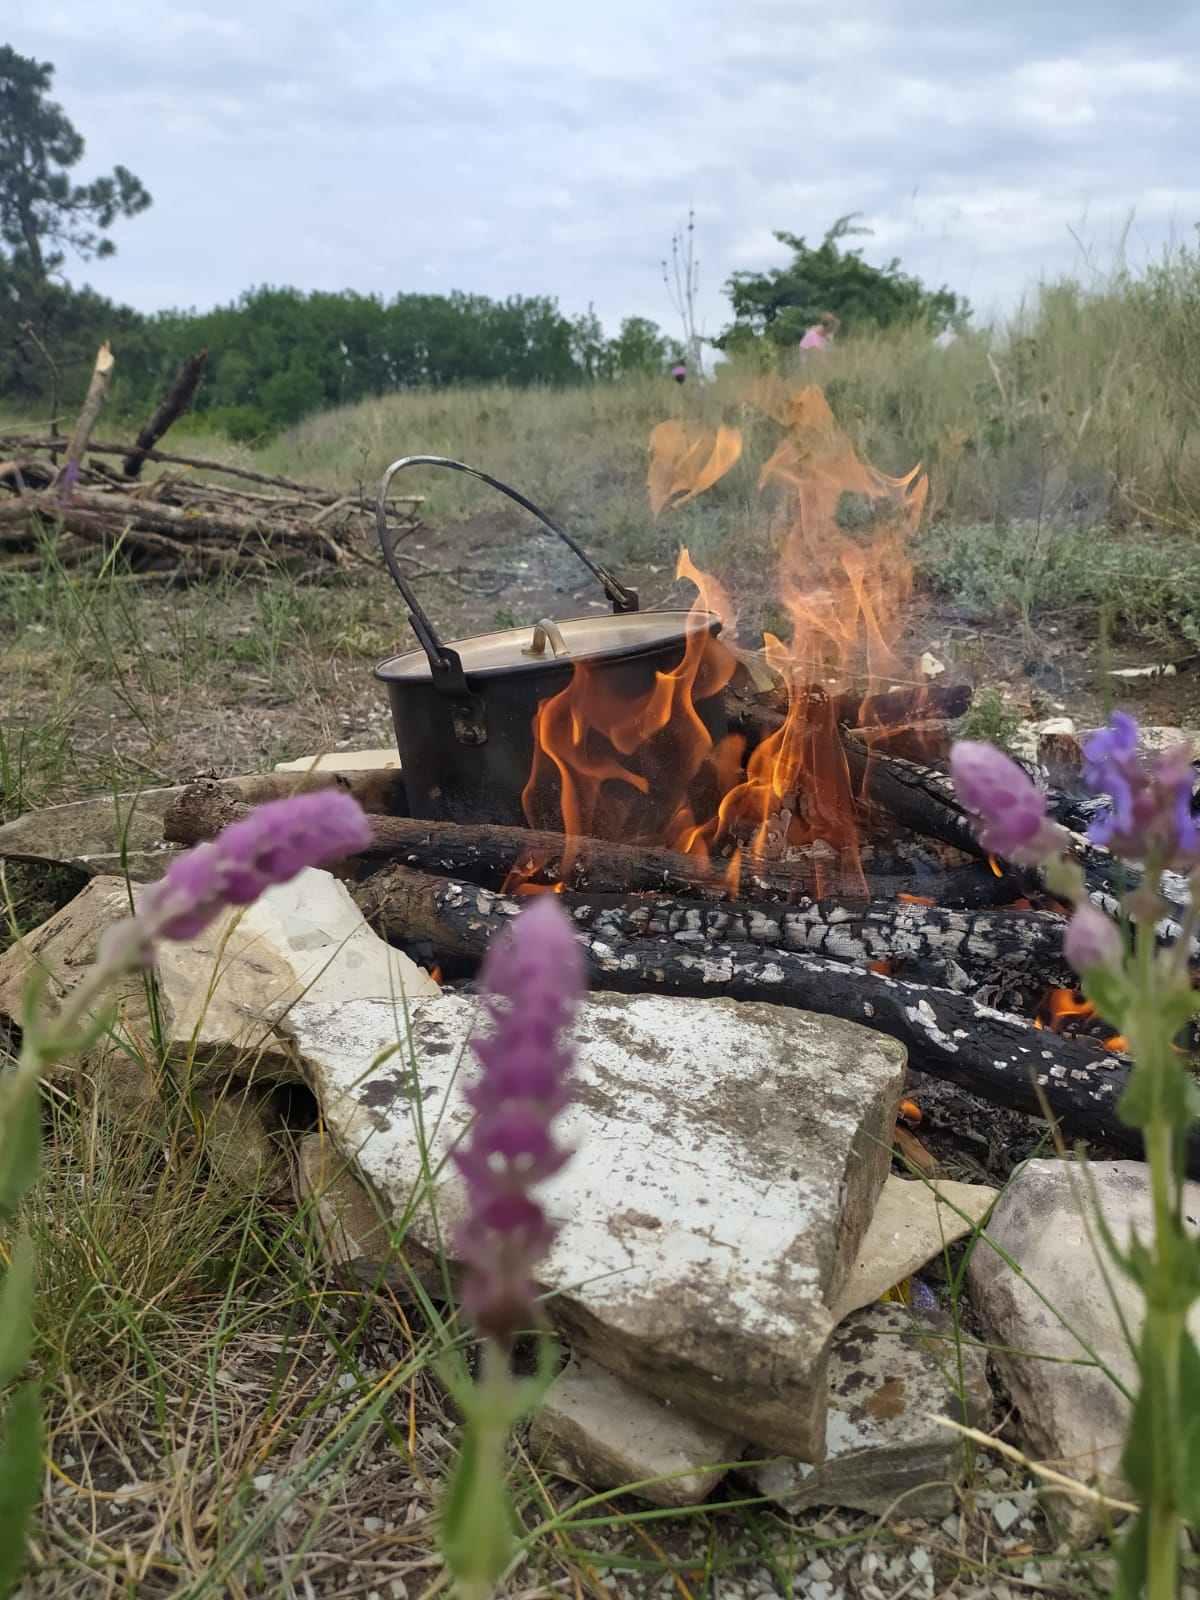 На Кубани в ближайшие дни ожидается высокая пожароопасность 4 класса